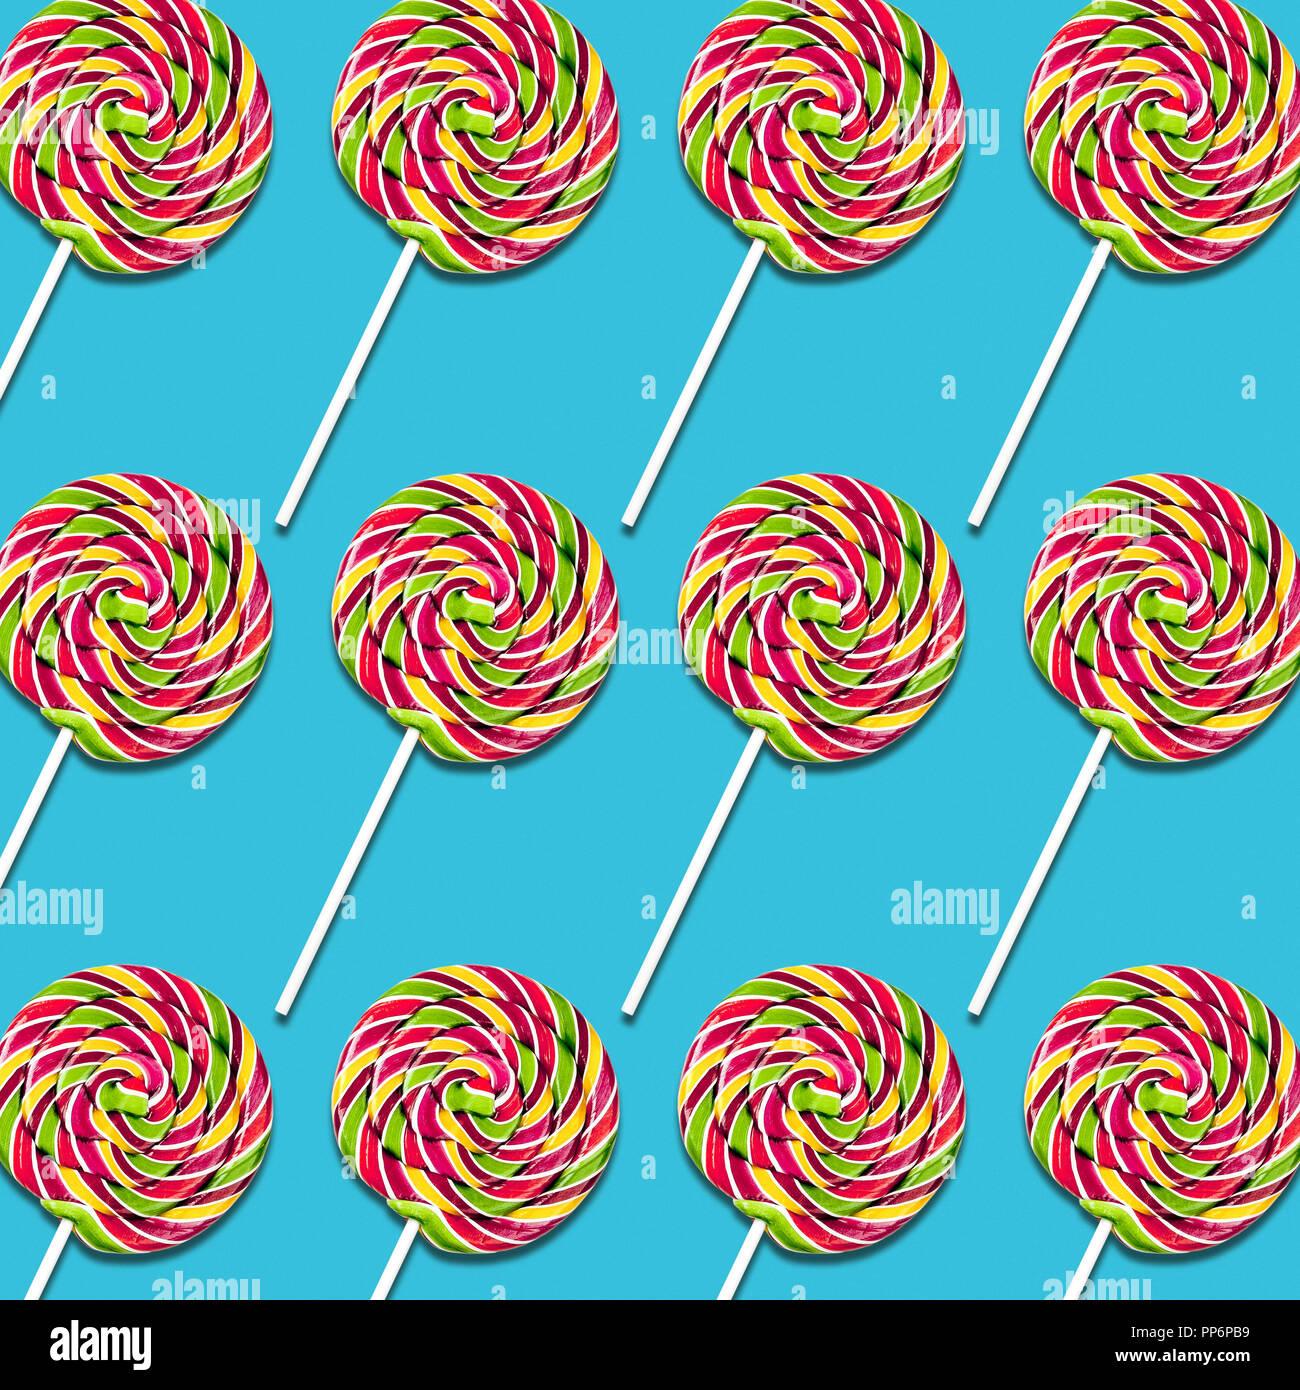 Disposición simétrica de lollipop caramelos sobre fondo turquesa, coloridos dulces de textura de alimentos Foto de stock